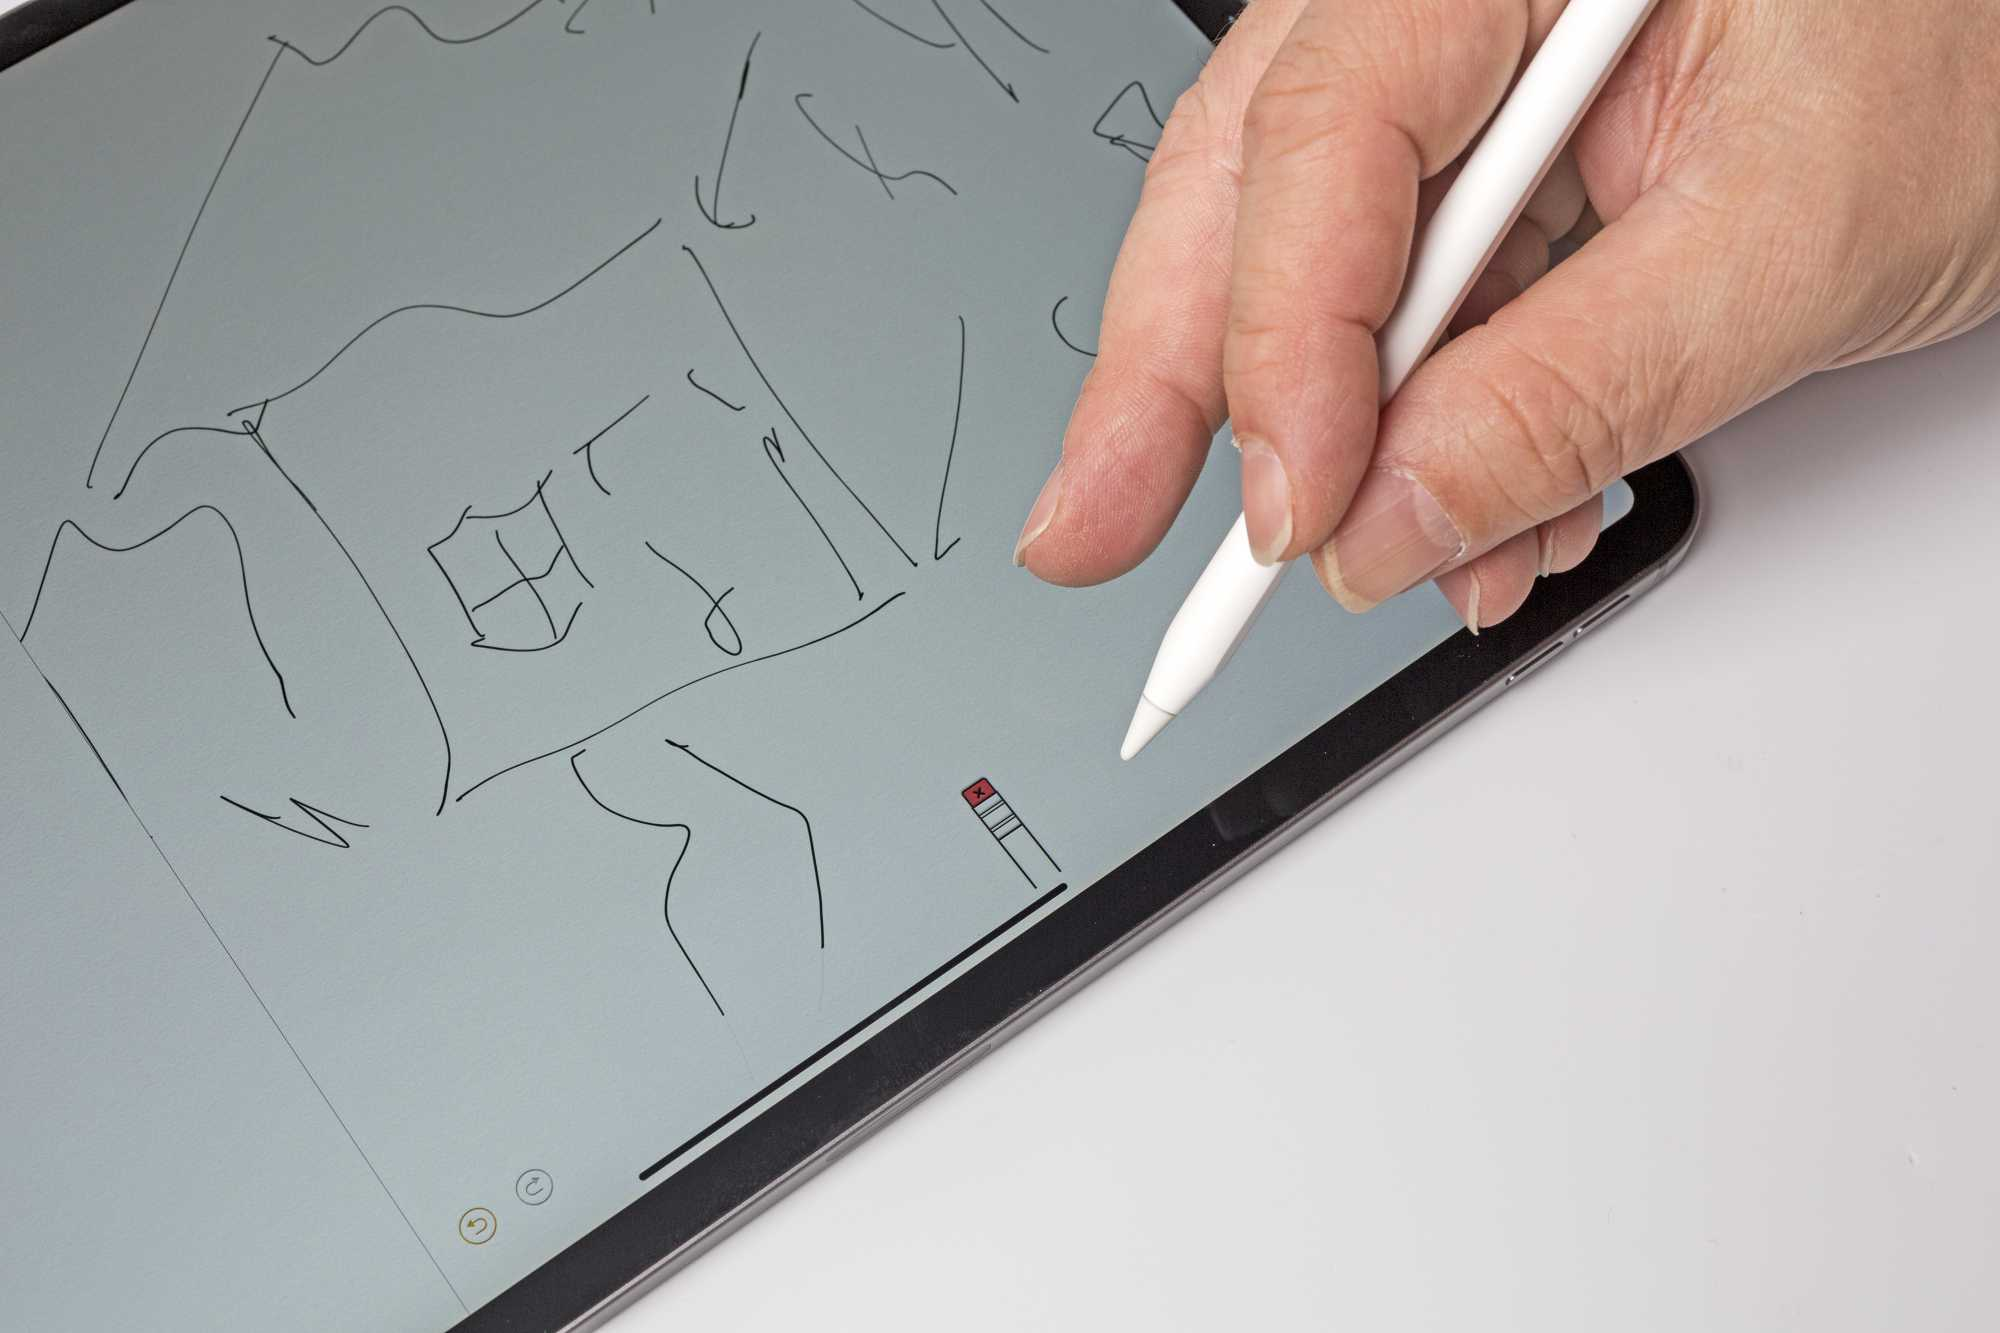 Der Pencil besitzt nun einen Touch-Sensor, mit dem man durch einen Fingertipp schnell zwischen Grundfunktionen wie Pinsel und Radiergummi umschalten kann.